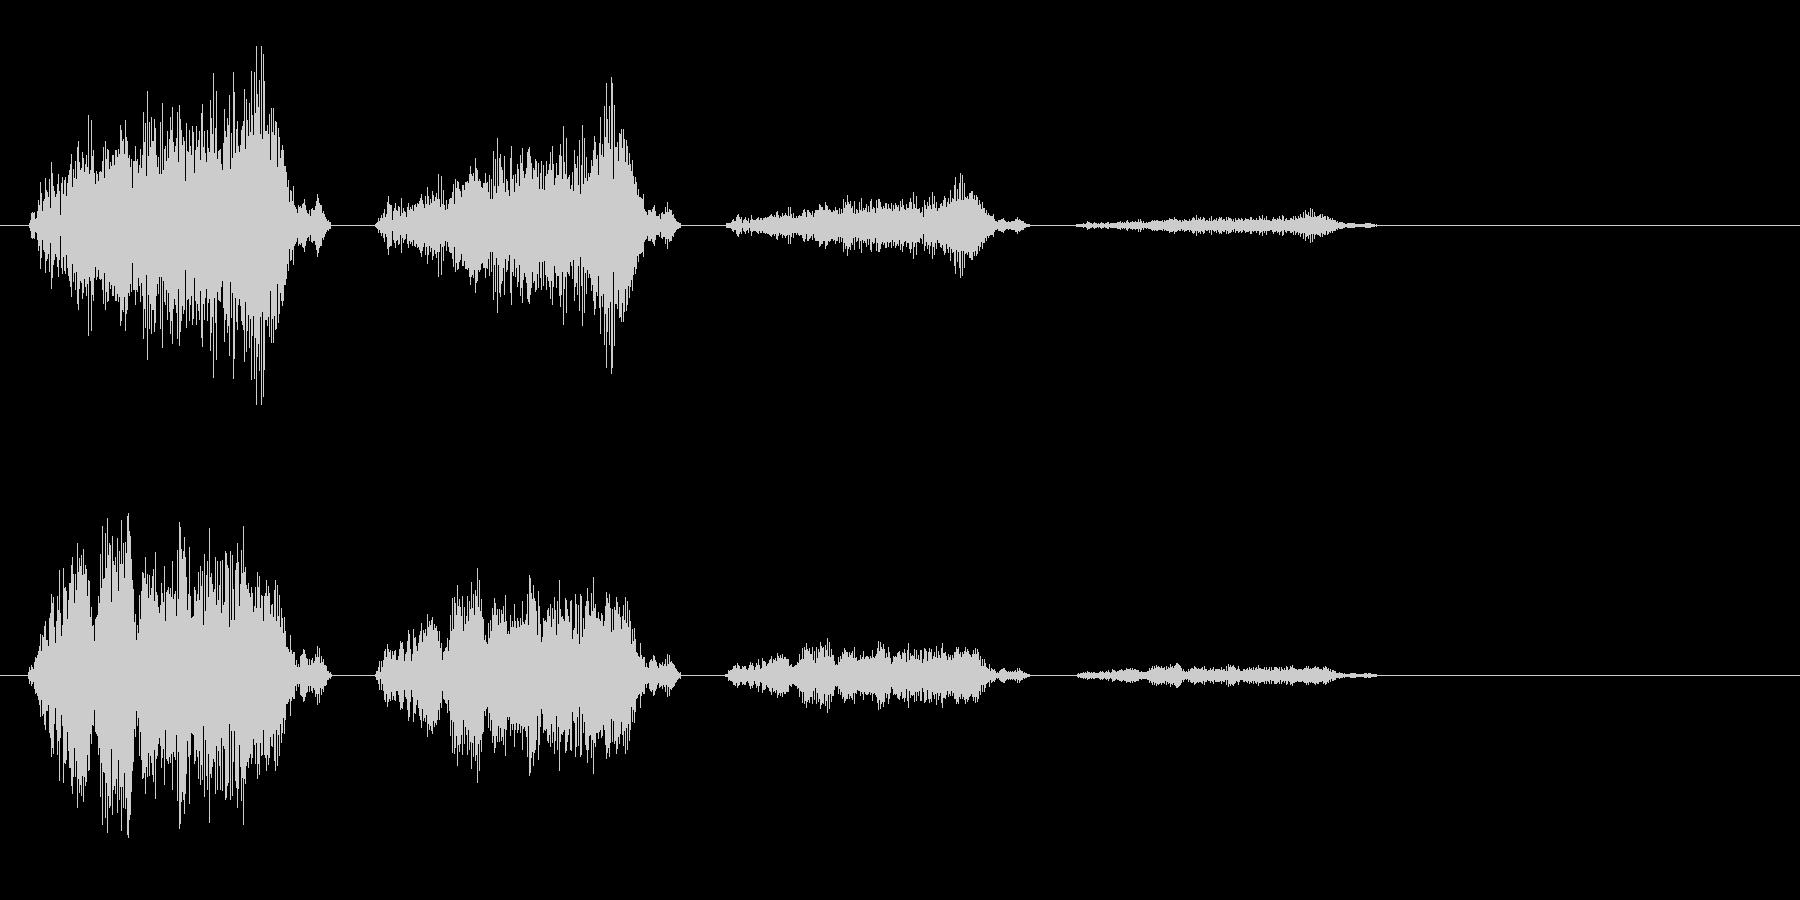 チュチェチェ(鳴き声)の未再生の波形